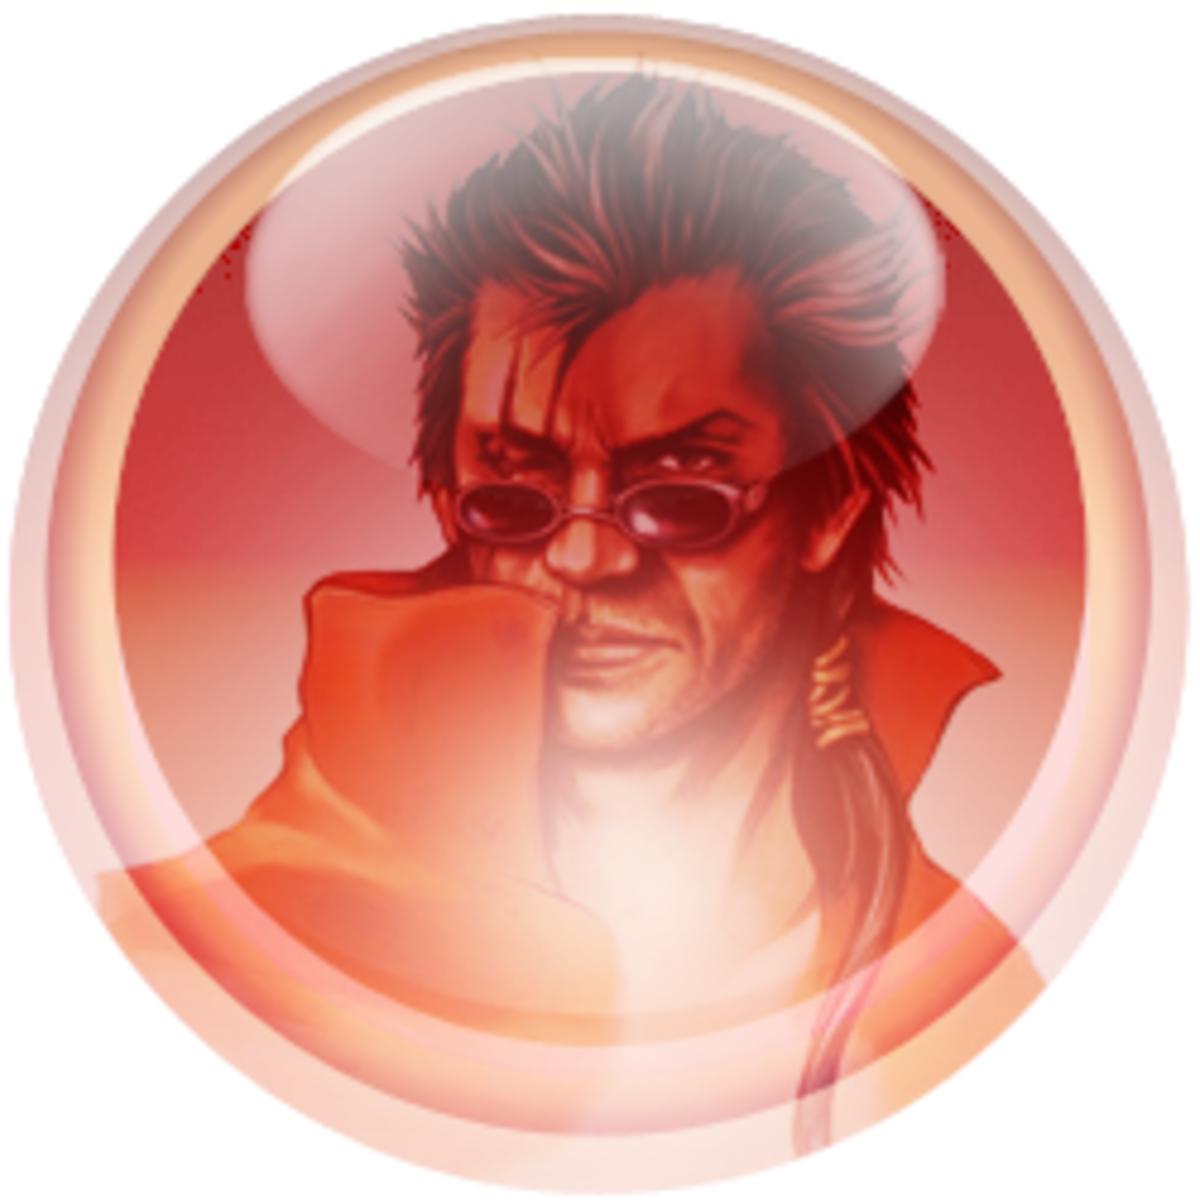 Auron Celestial Weapon - Masamune